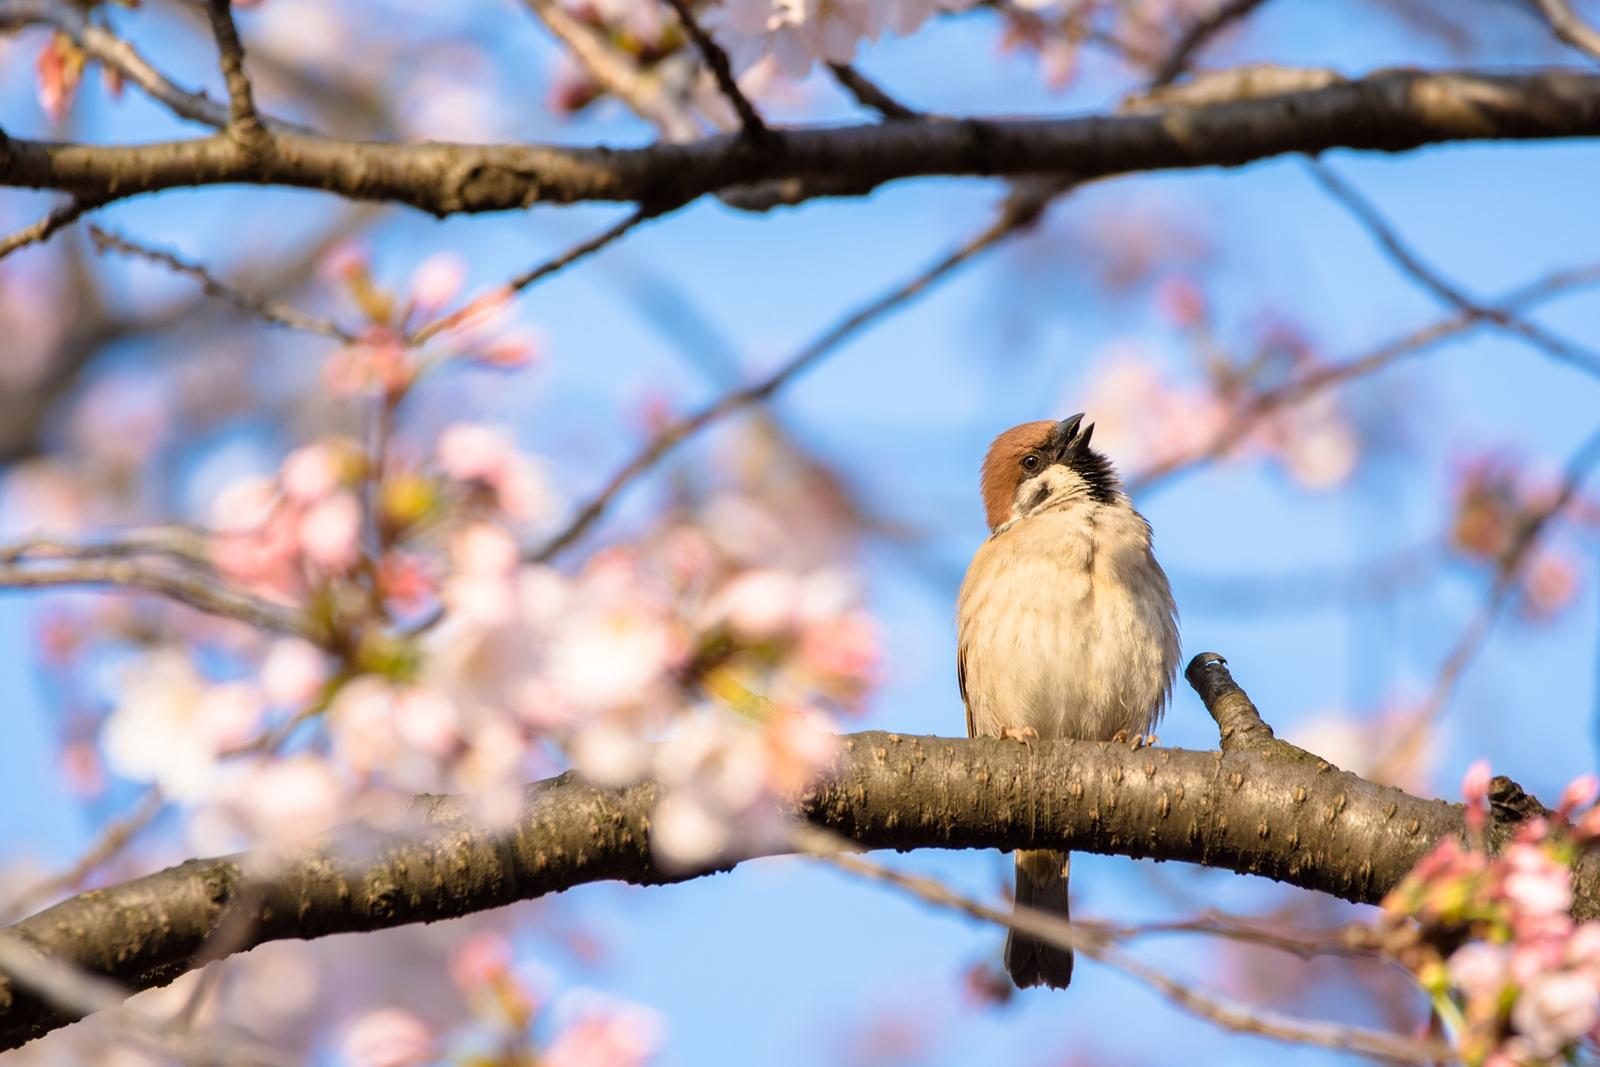 Photo: 「どれにしようかな?」 / Which one should I choose?  あっちで咲いて こっちで咲いて 次へ次へと花開く 目移りが止まらないね  sparrow. (スズメ)  Nikon D7200 SIGMA 150-600mm F5-6.3 DG OS HSM Contemporary  #birdphotography #birds #kawaii #小鳥 #nikon #sigma  ( http://takafumiooshio.com/archives/2318 )